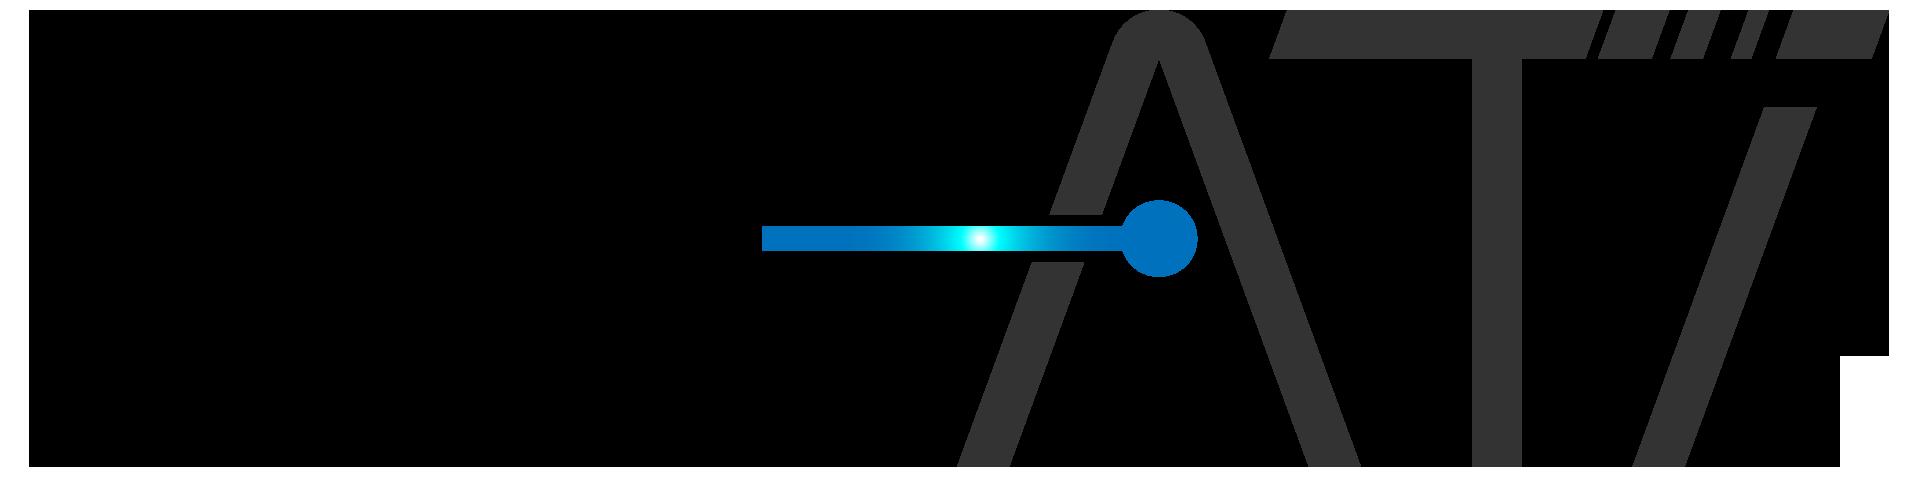 PC-ATI